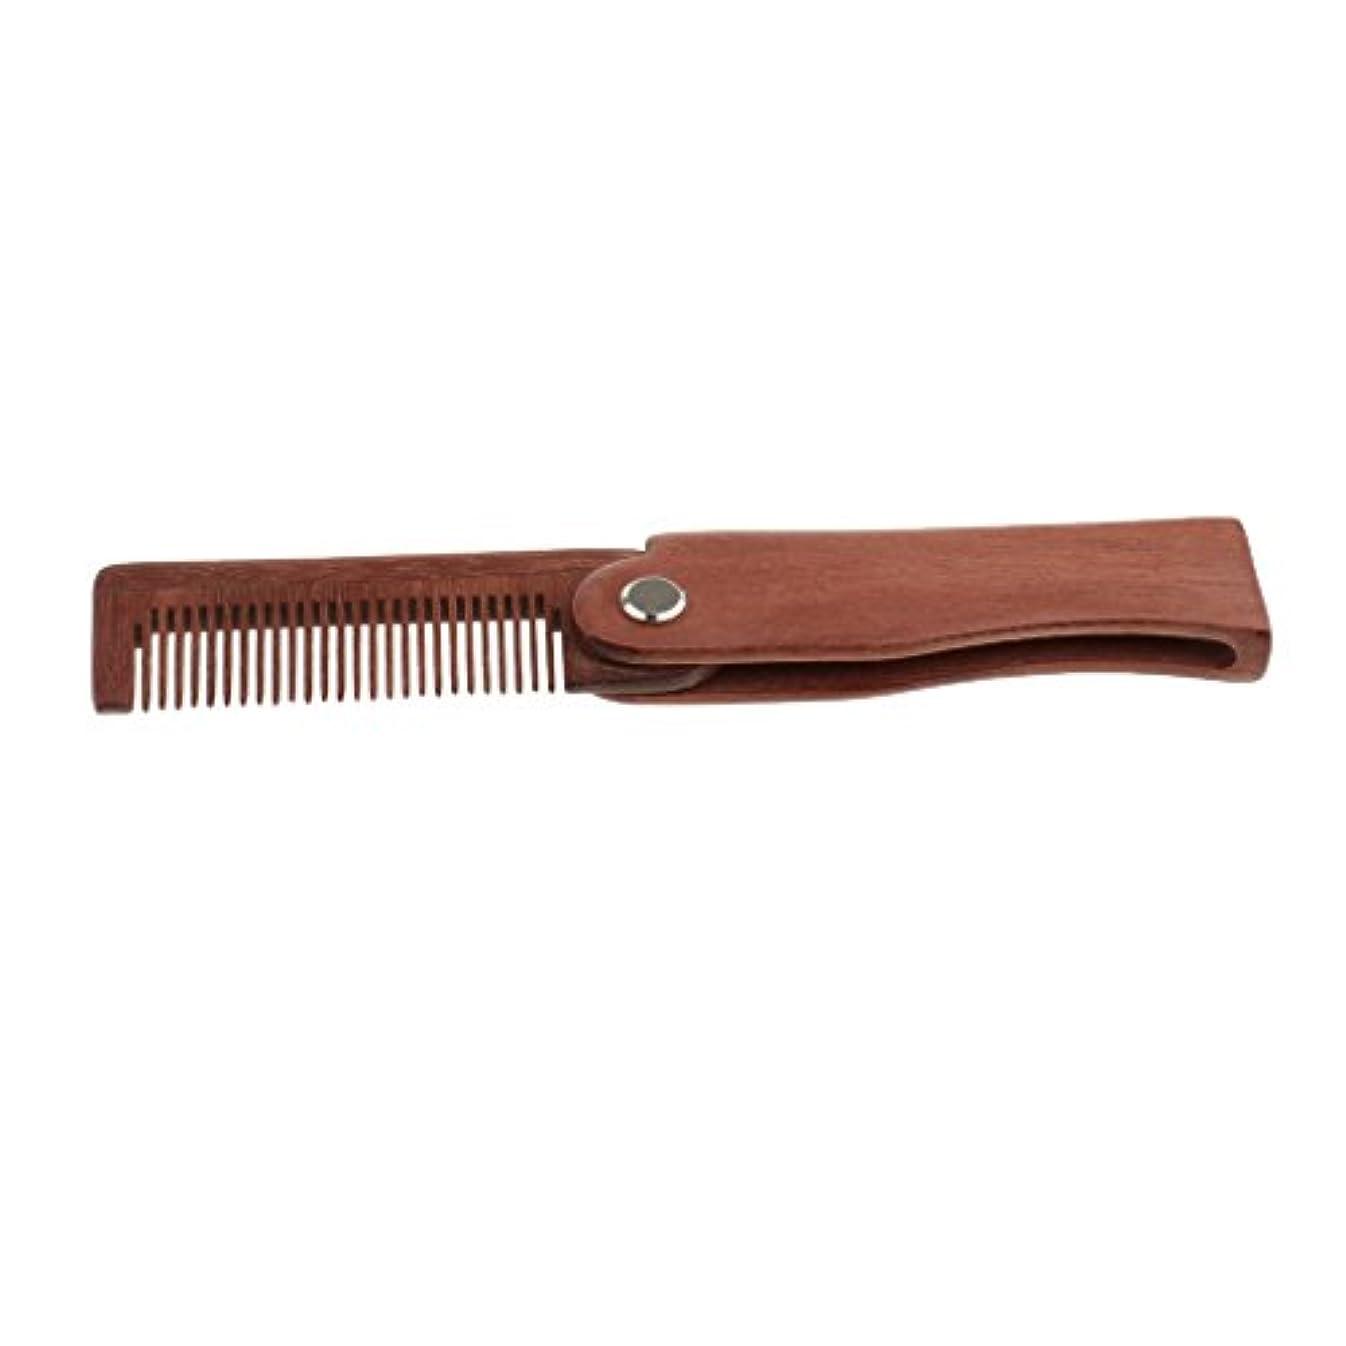 一部遅れ却下するT TOOYFUL 折り畳み 毛ひげの櫛 ブラシ 木製 ひげ剃り櫛 男性 旅行 外出 便利グッズ ポケットサイズ